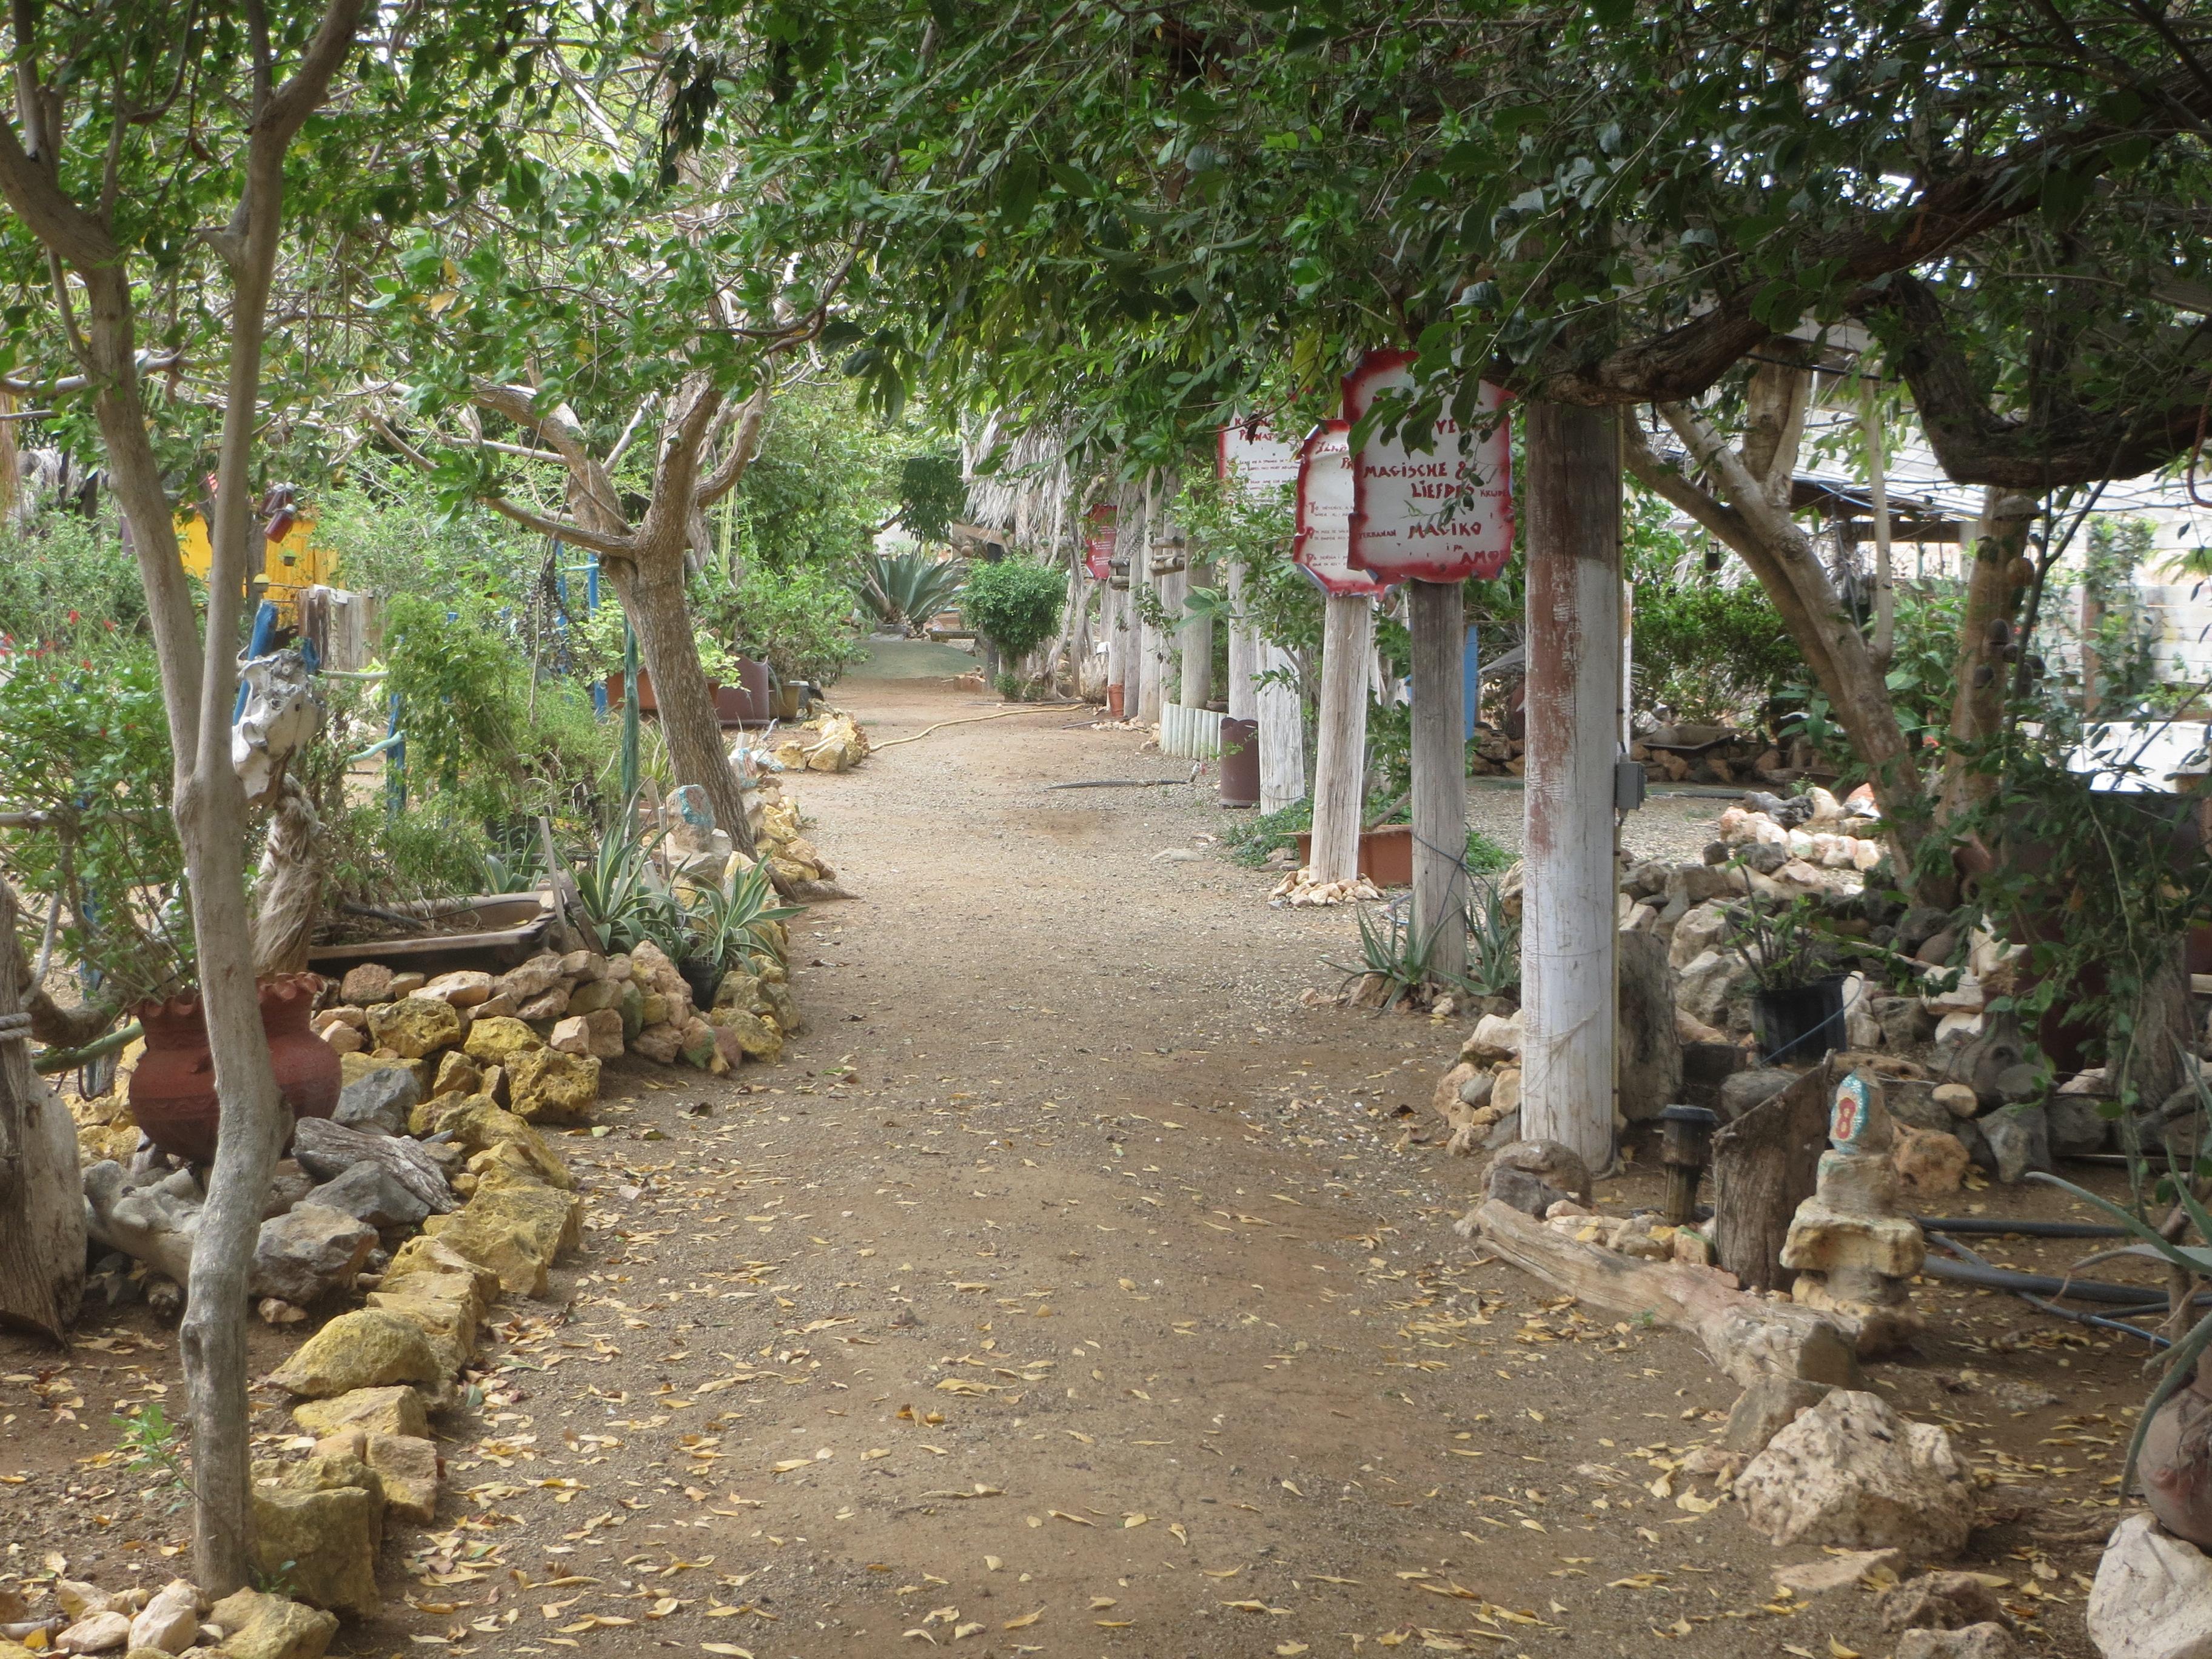 Curacao herb garden. Melanie Reffes